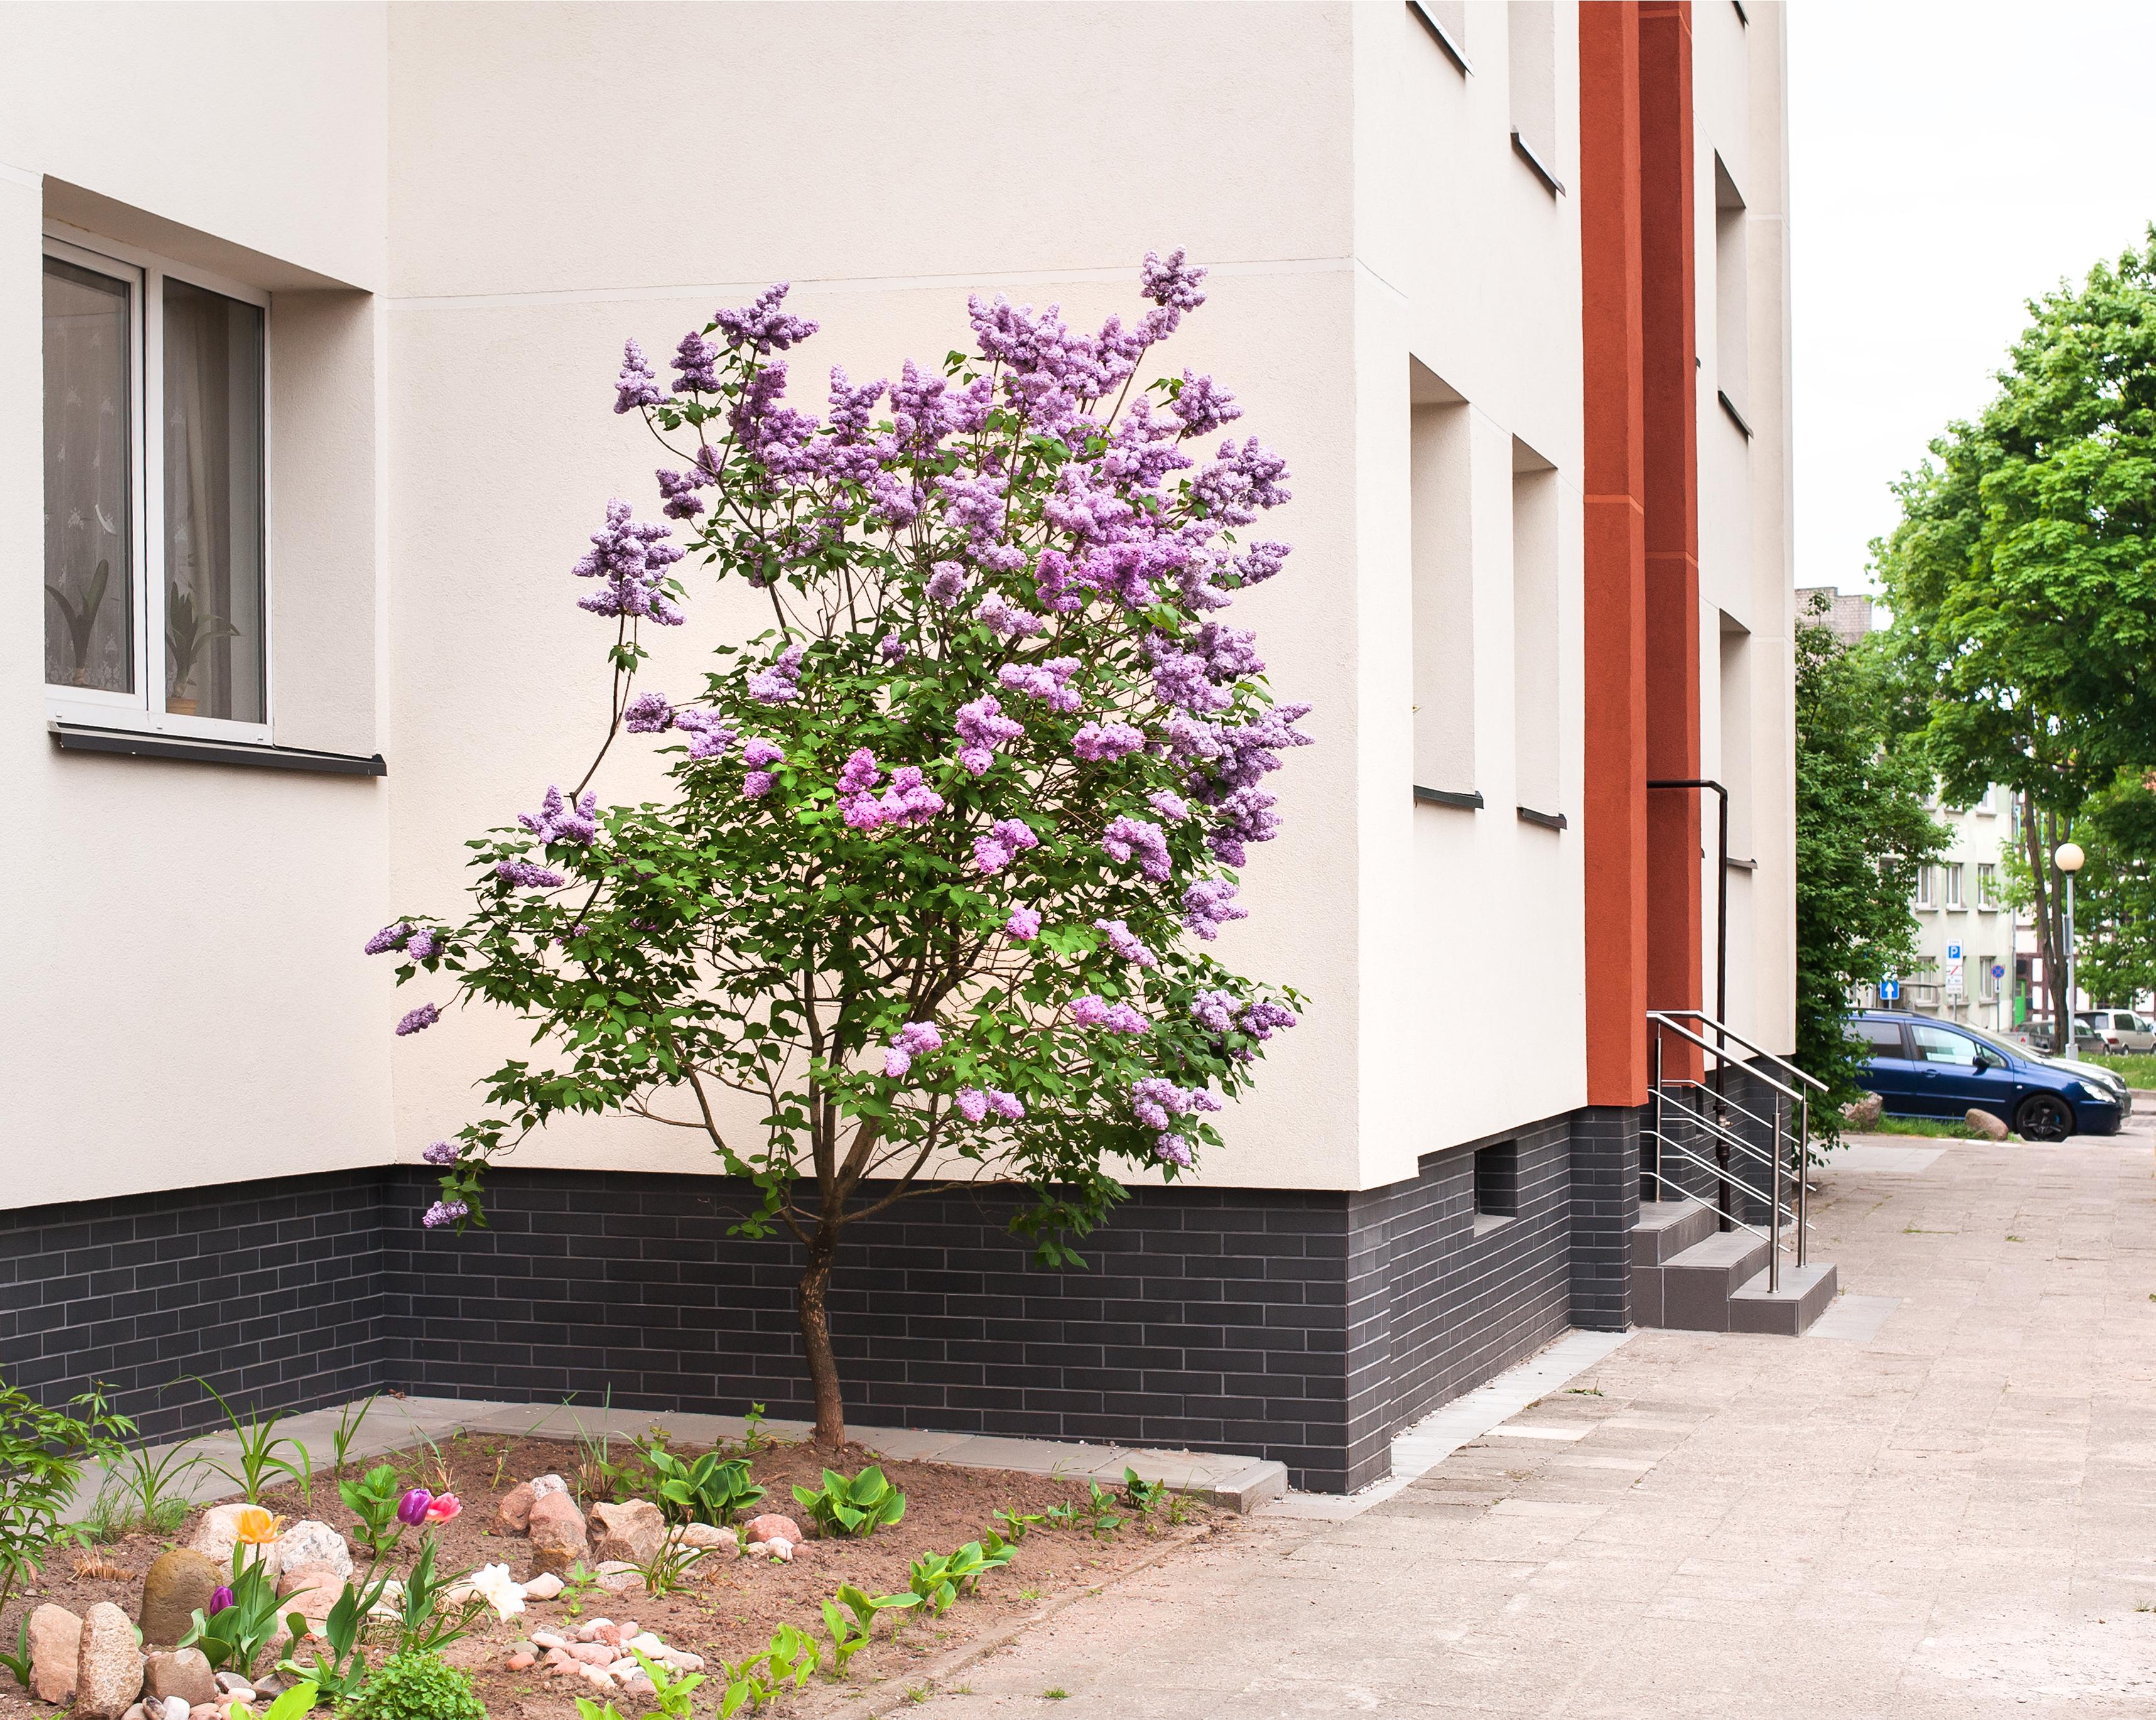 Daugiabučio gyvenamojo namo Pilies g. 1, Klaipėdoje, atnaujinimo (modernizavimo) projektas